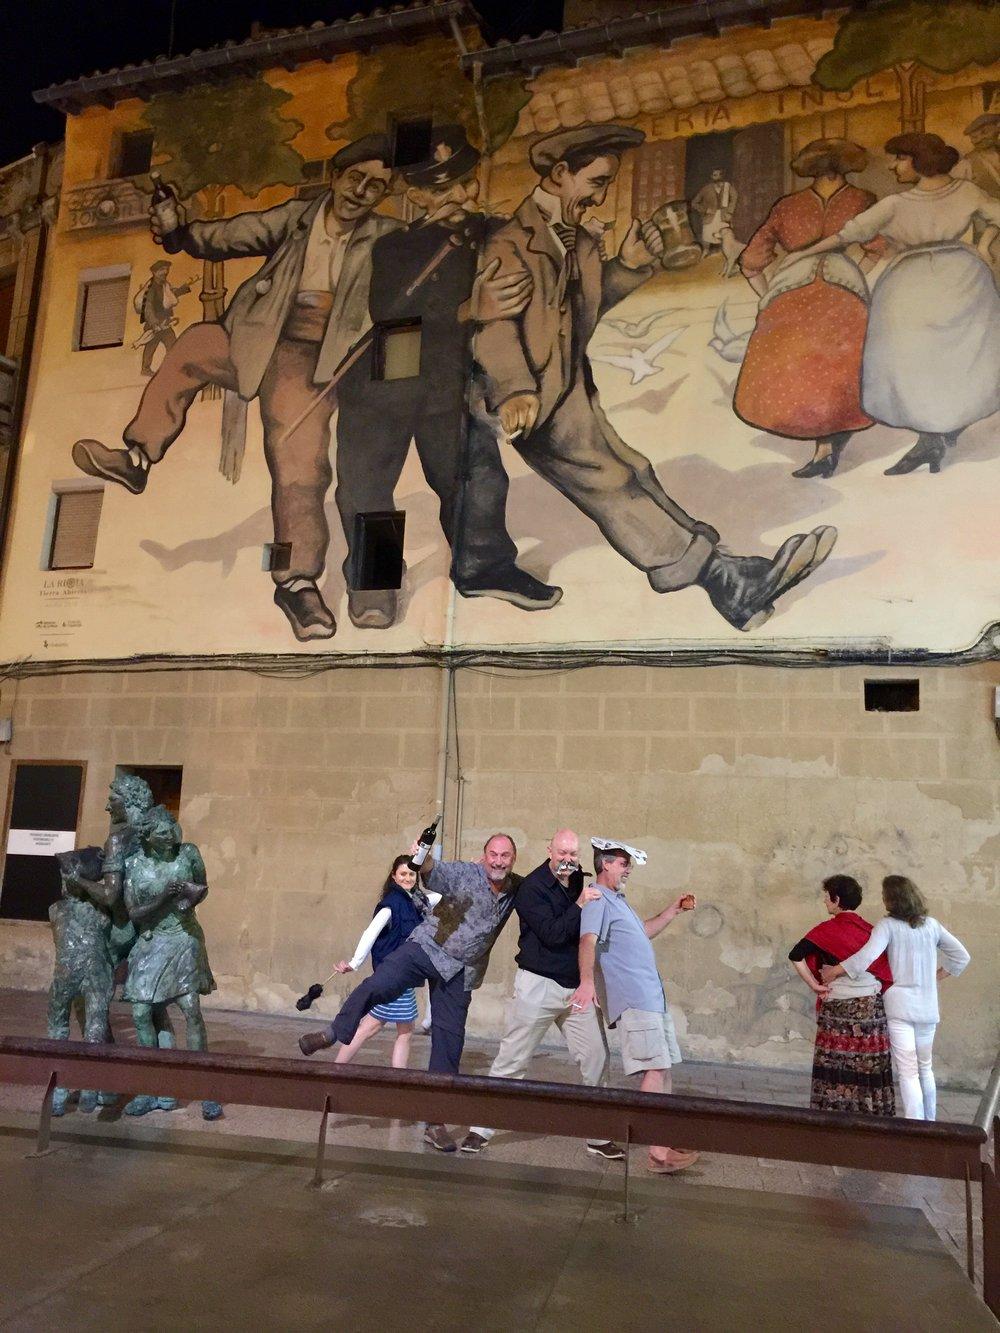 Mural re-enactment from week #5.